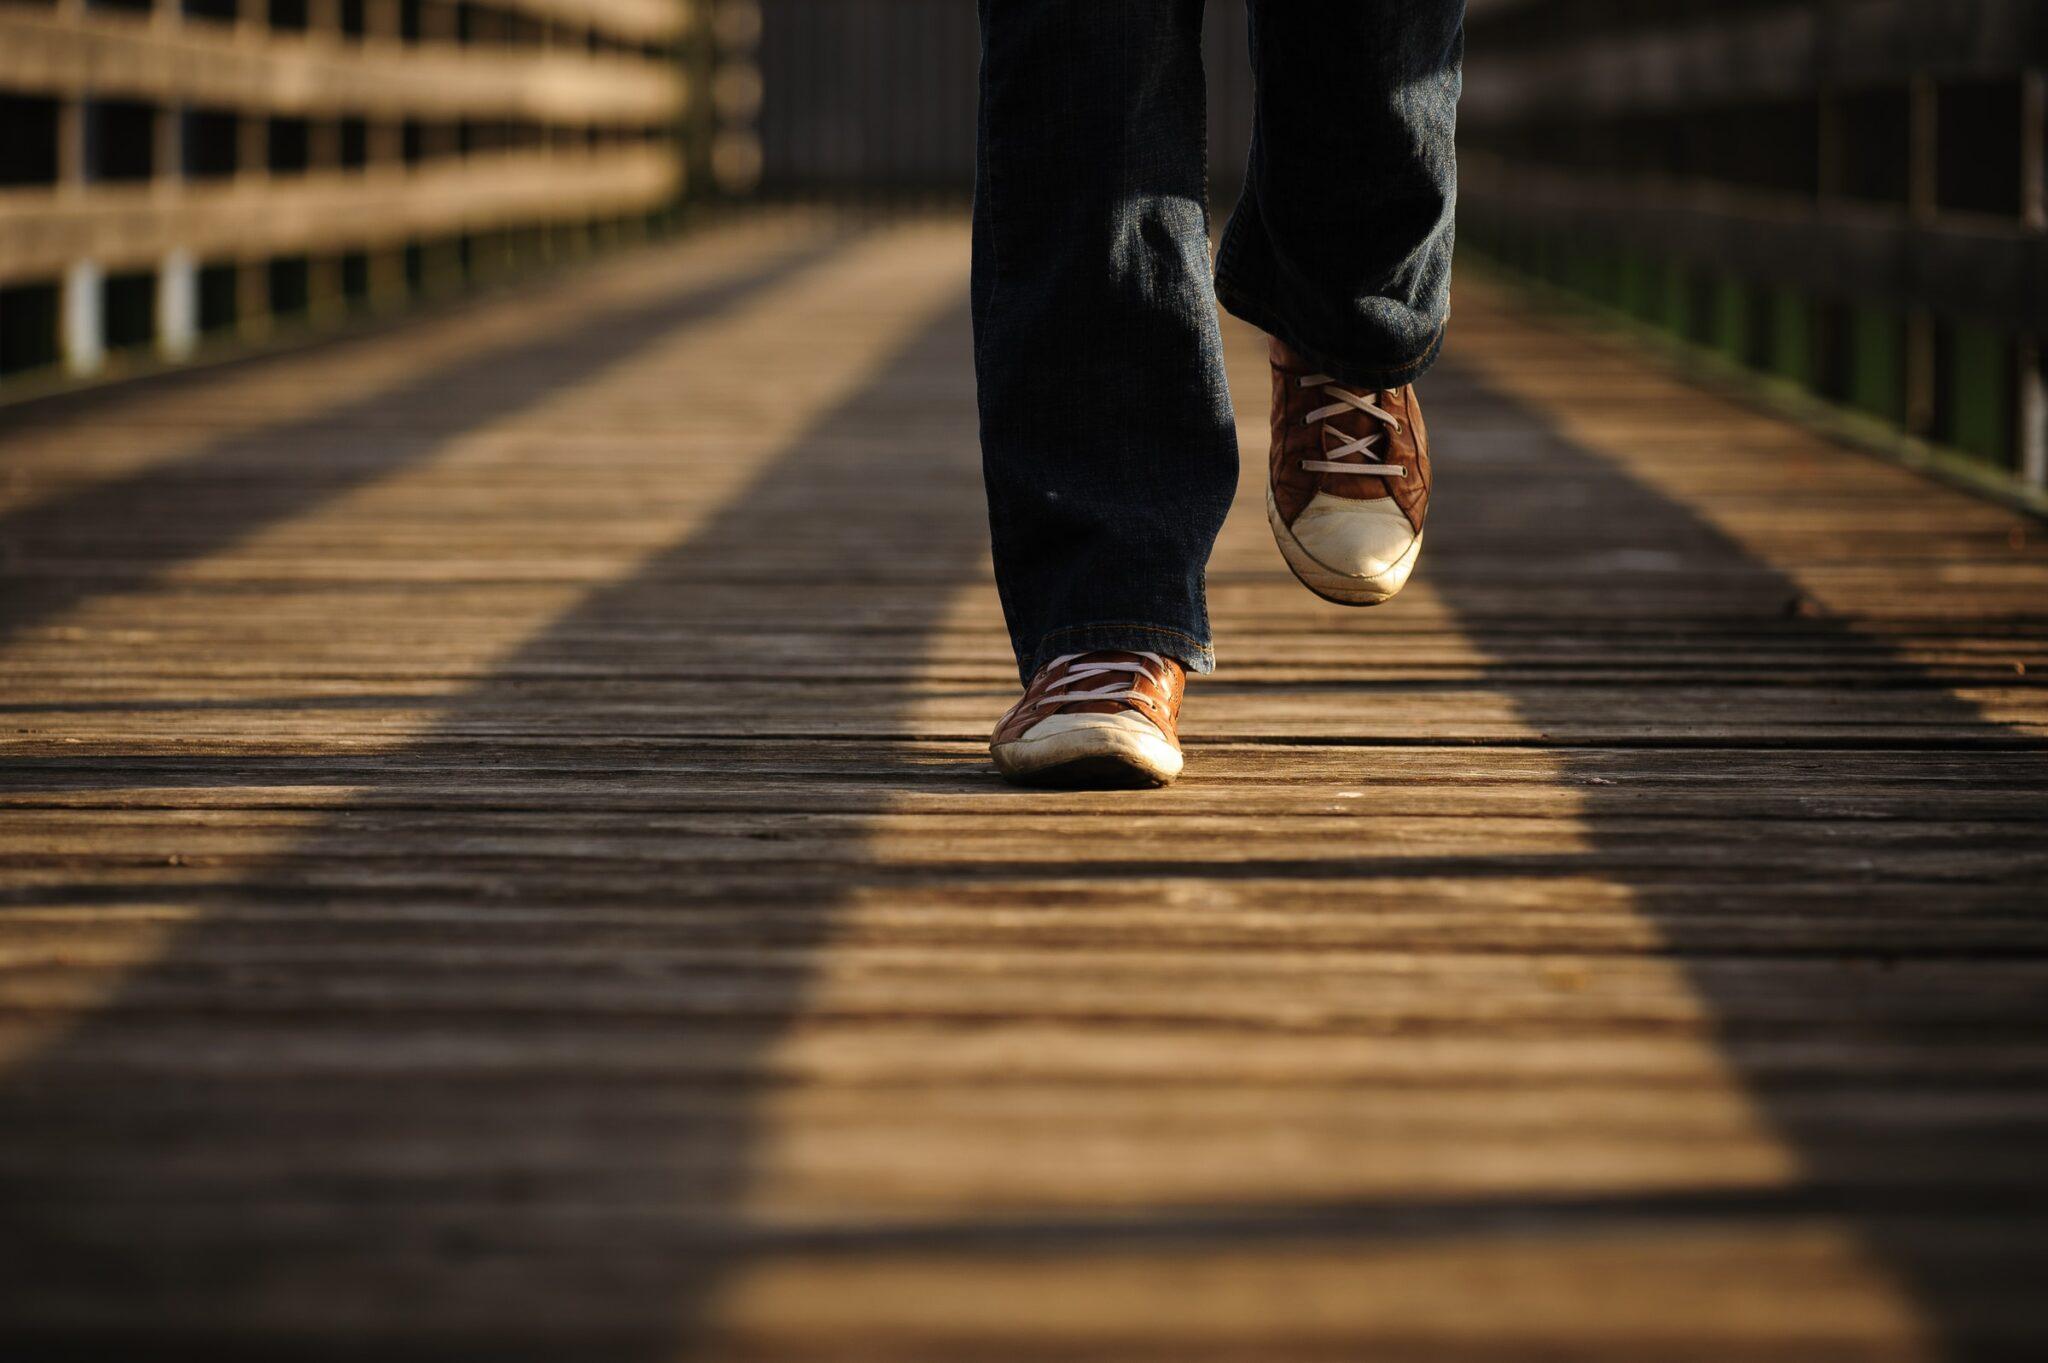 Füße in Sneakern, über Holzbohlen laufend